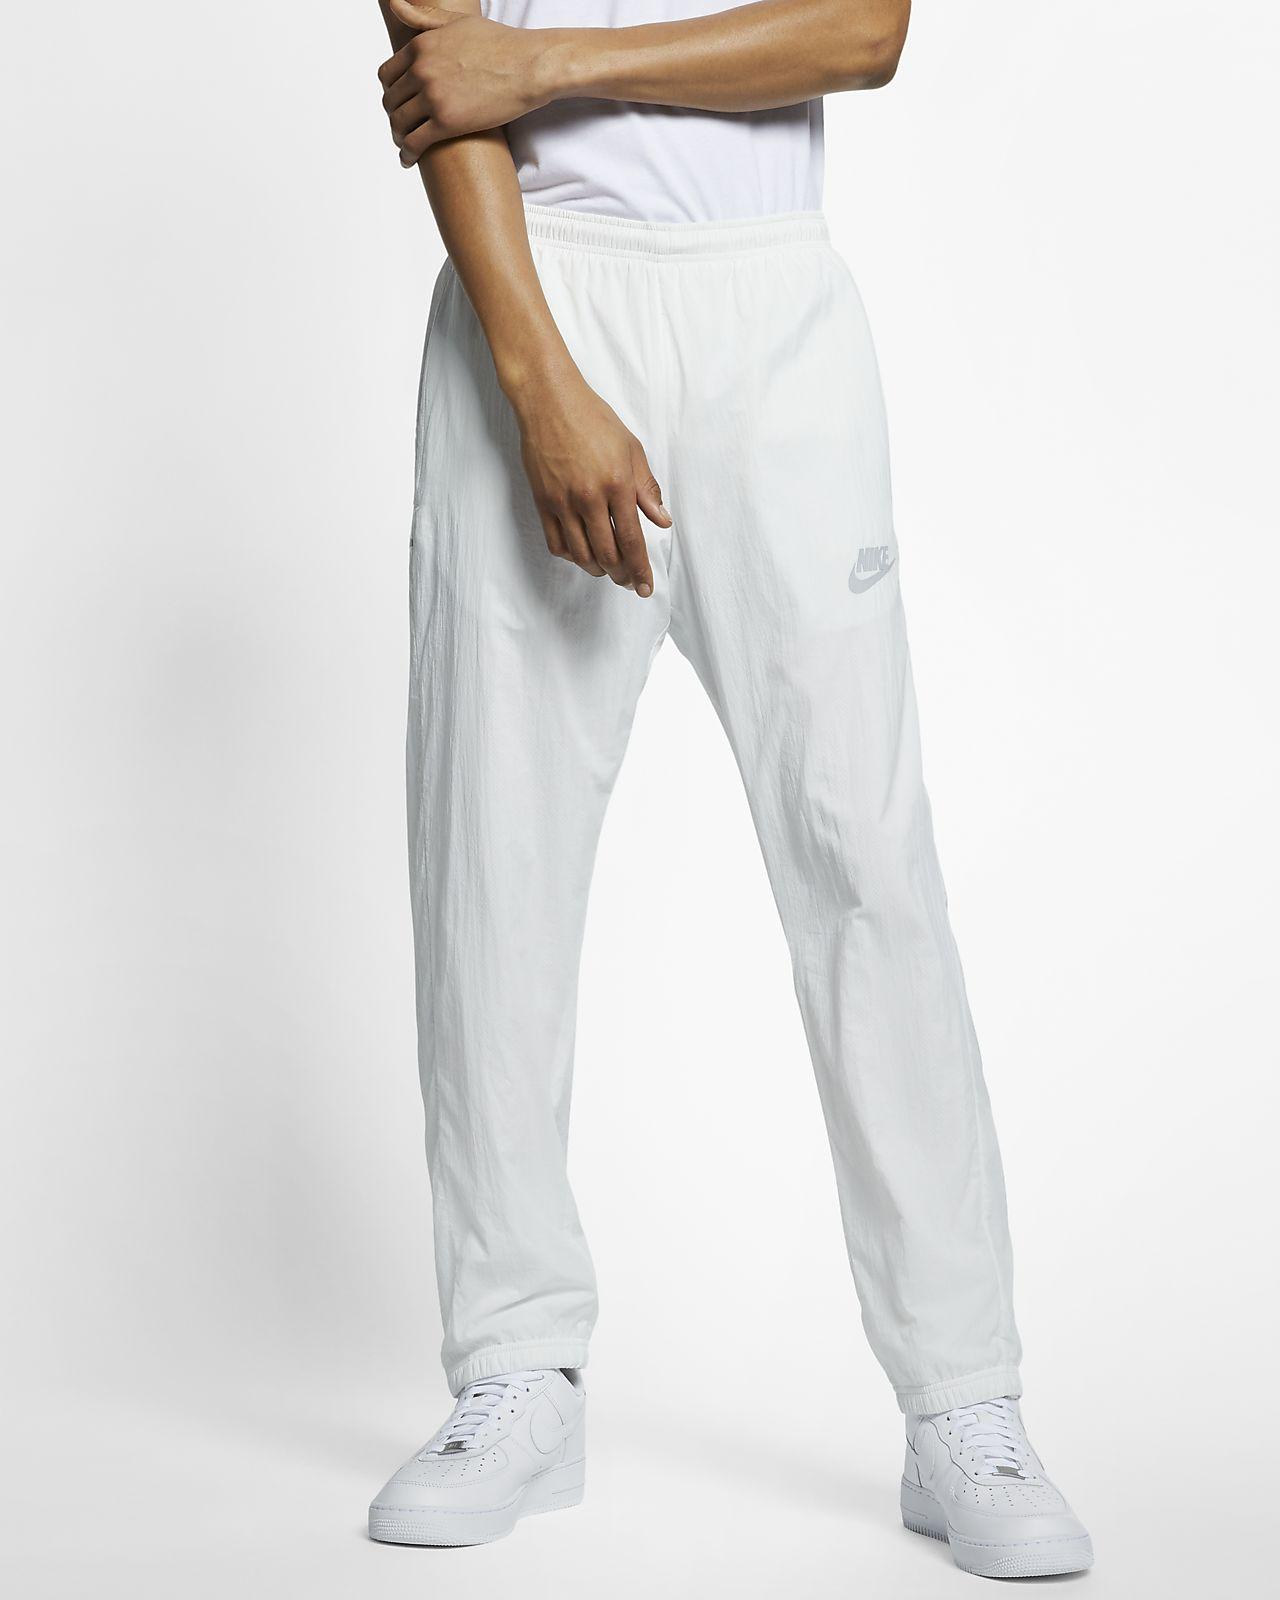 3f243f7c37fef2 Nike Sportswear Men s Woven Pants. Nike.com